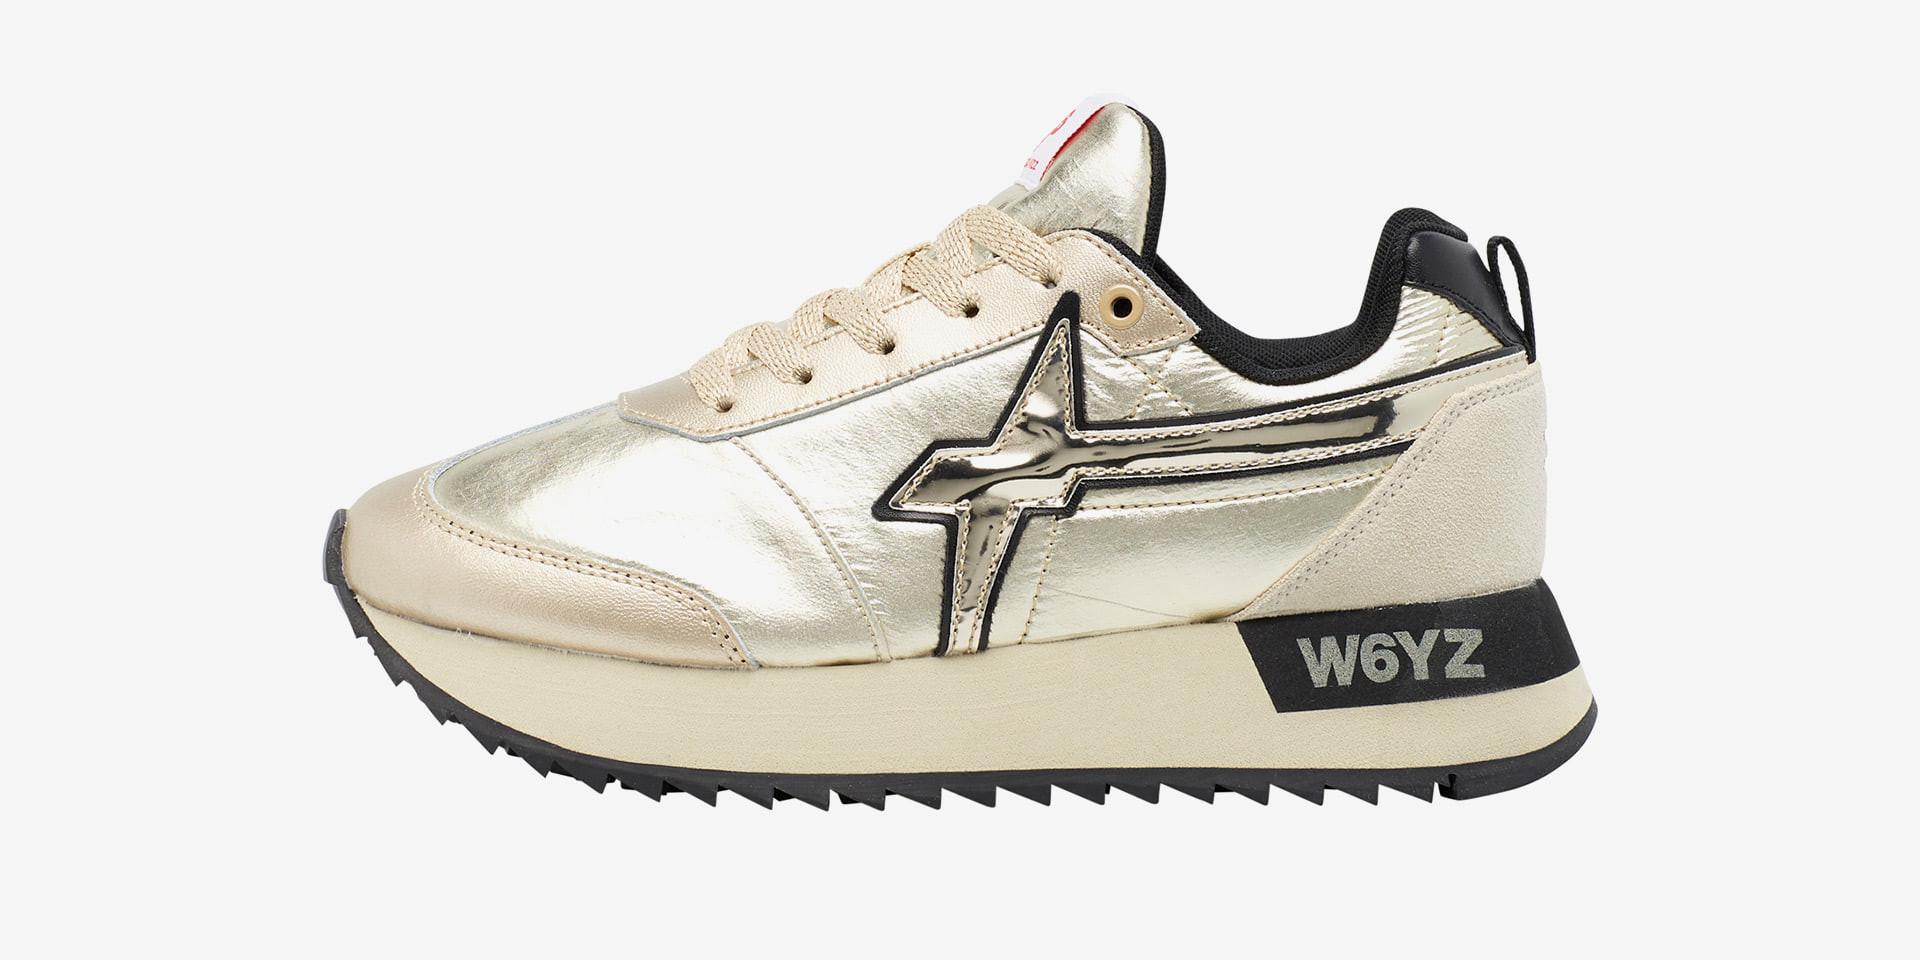 KIS-W. - Sneaker con inserto laminato - Platino